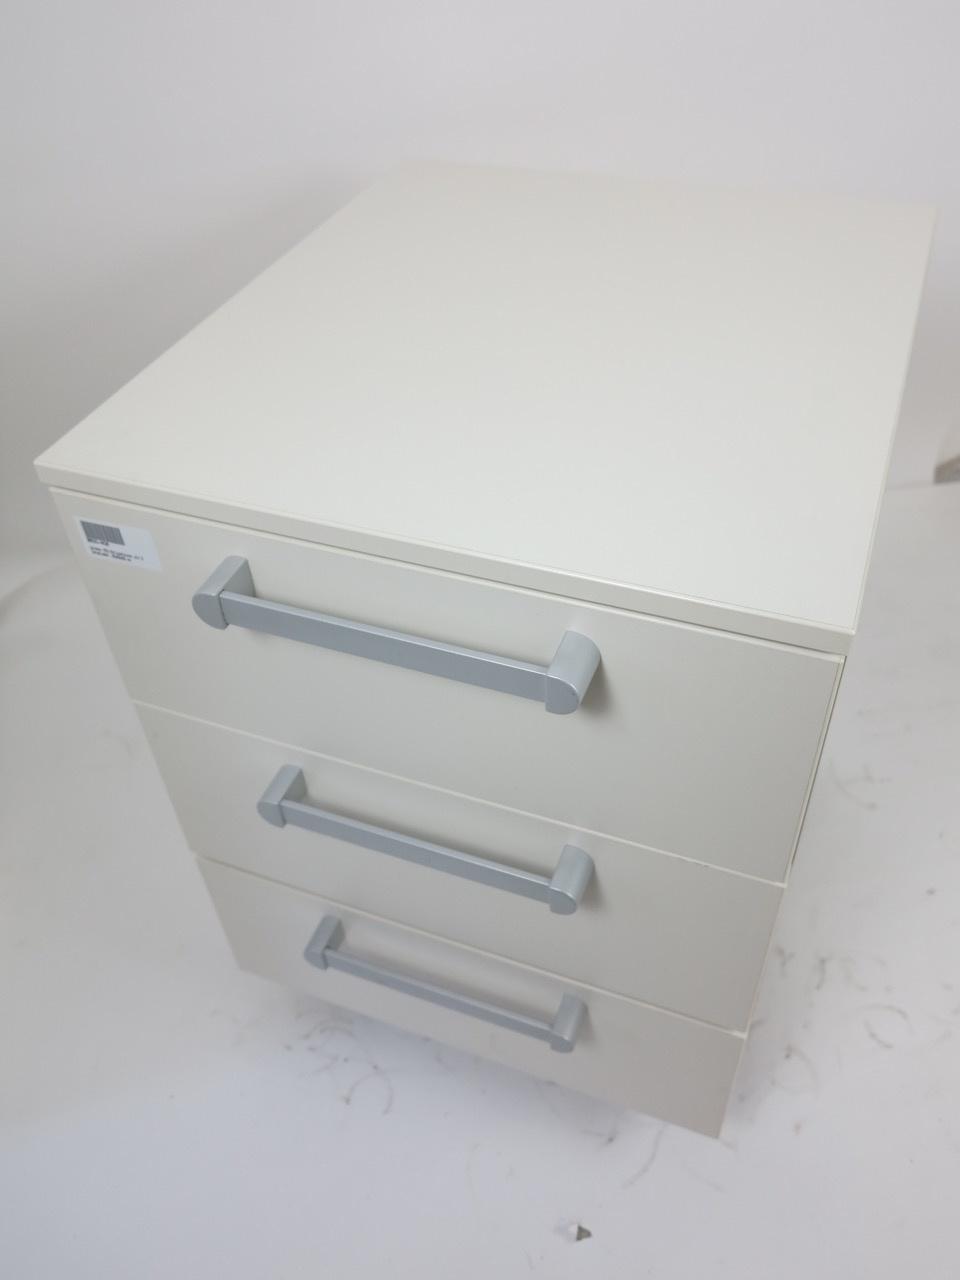 Waldner Waldner MC6 Rollschrank, 3 Schubladen, 45 cm breit,  64cm hoch, 50 cm tief